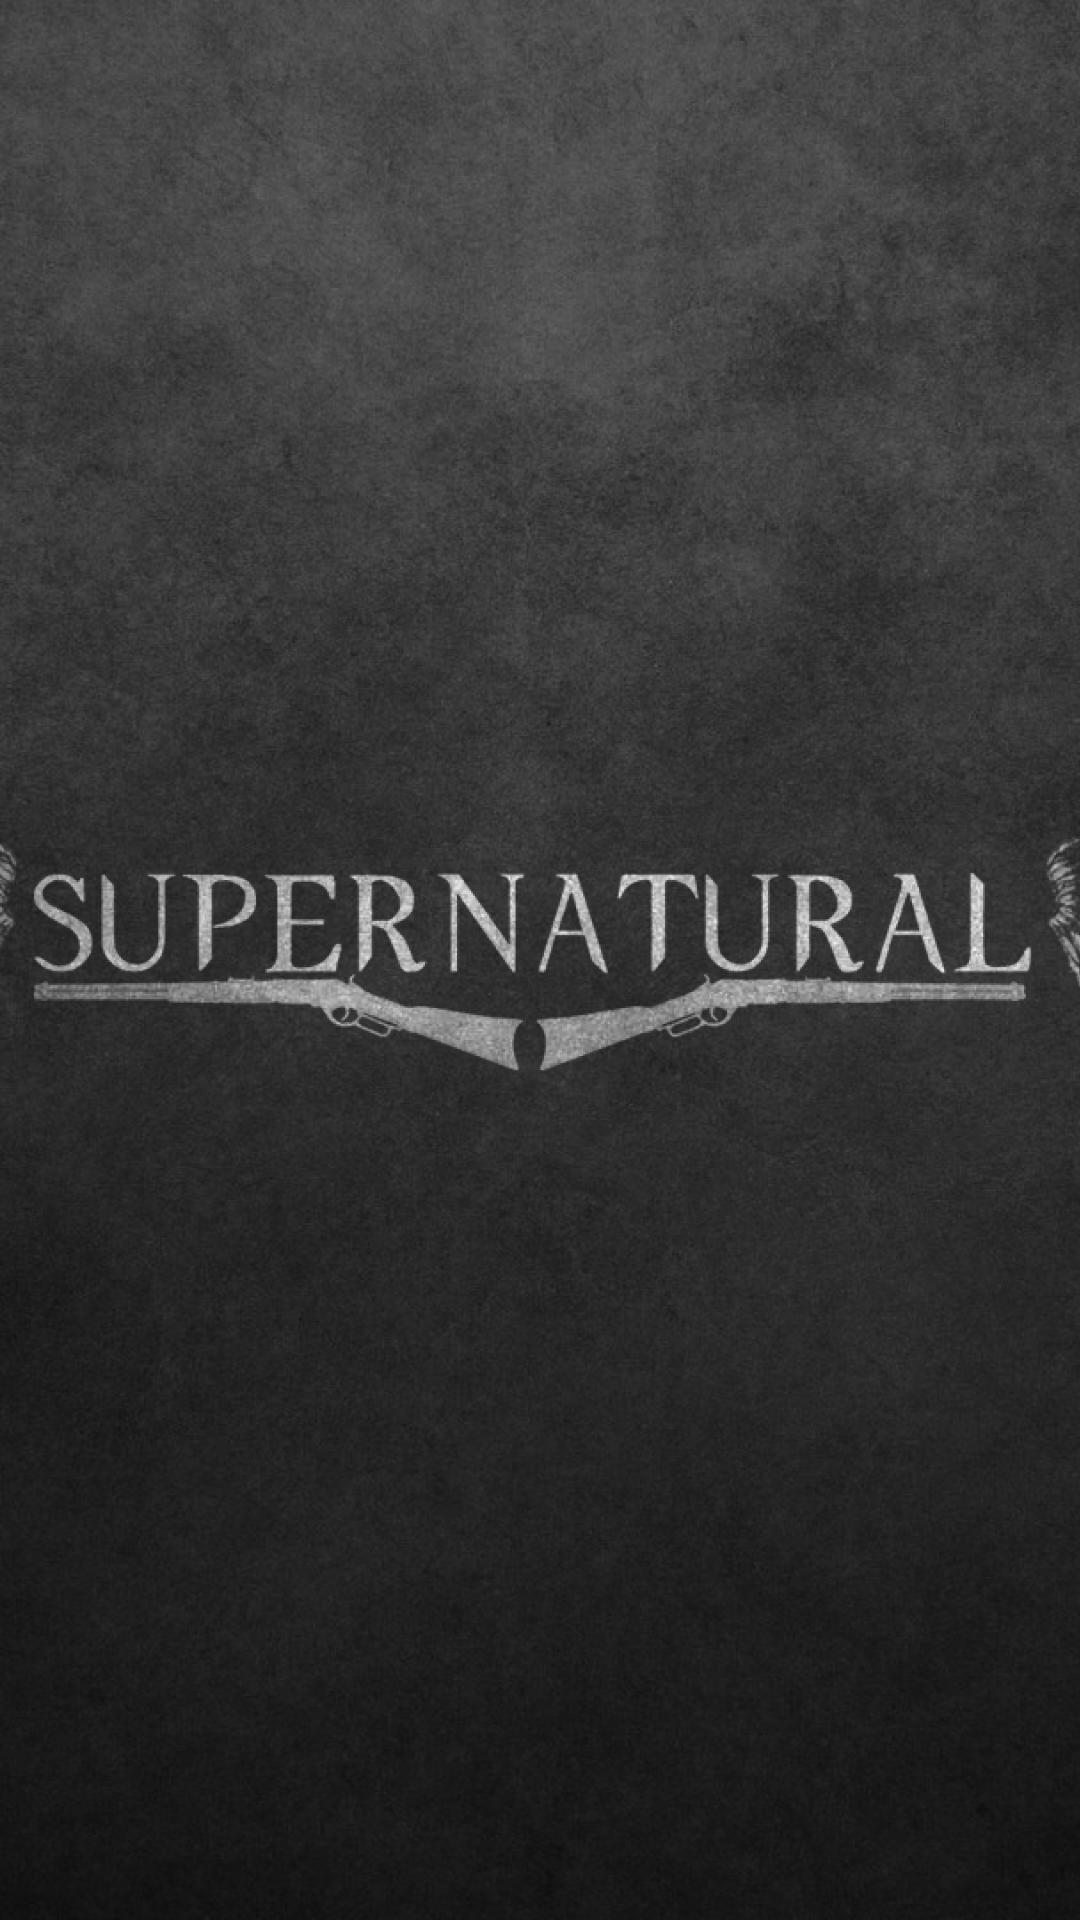 Image result for supernatural tumblr backgrounds